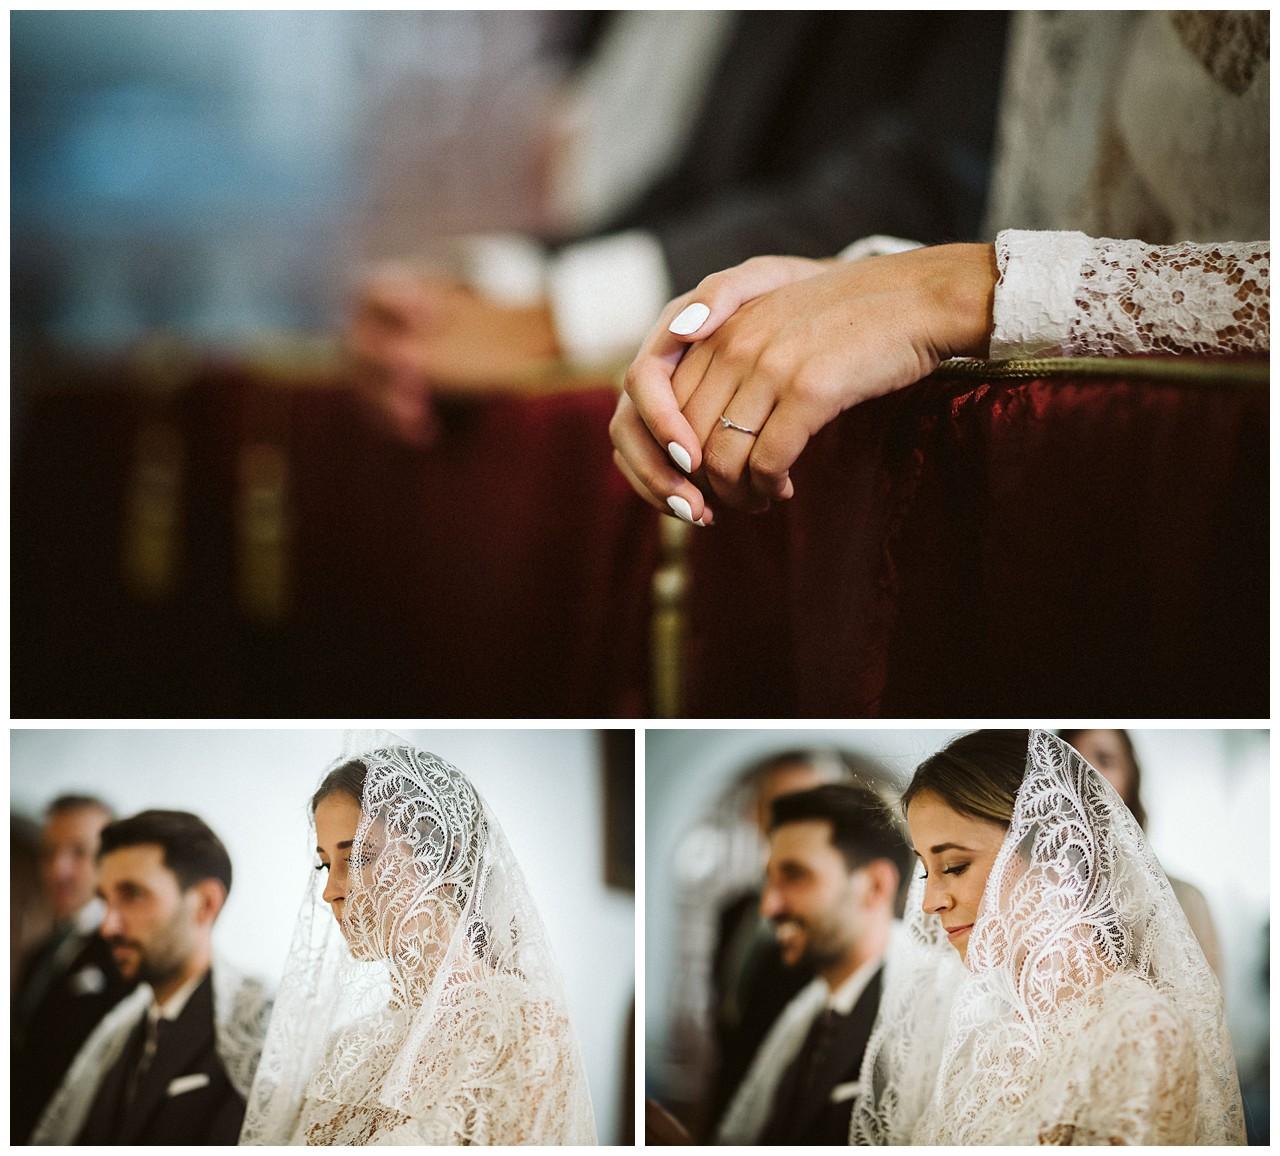 La novia con mantilla